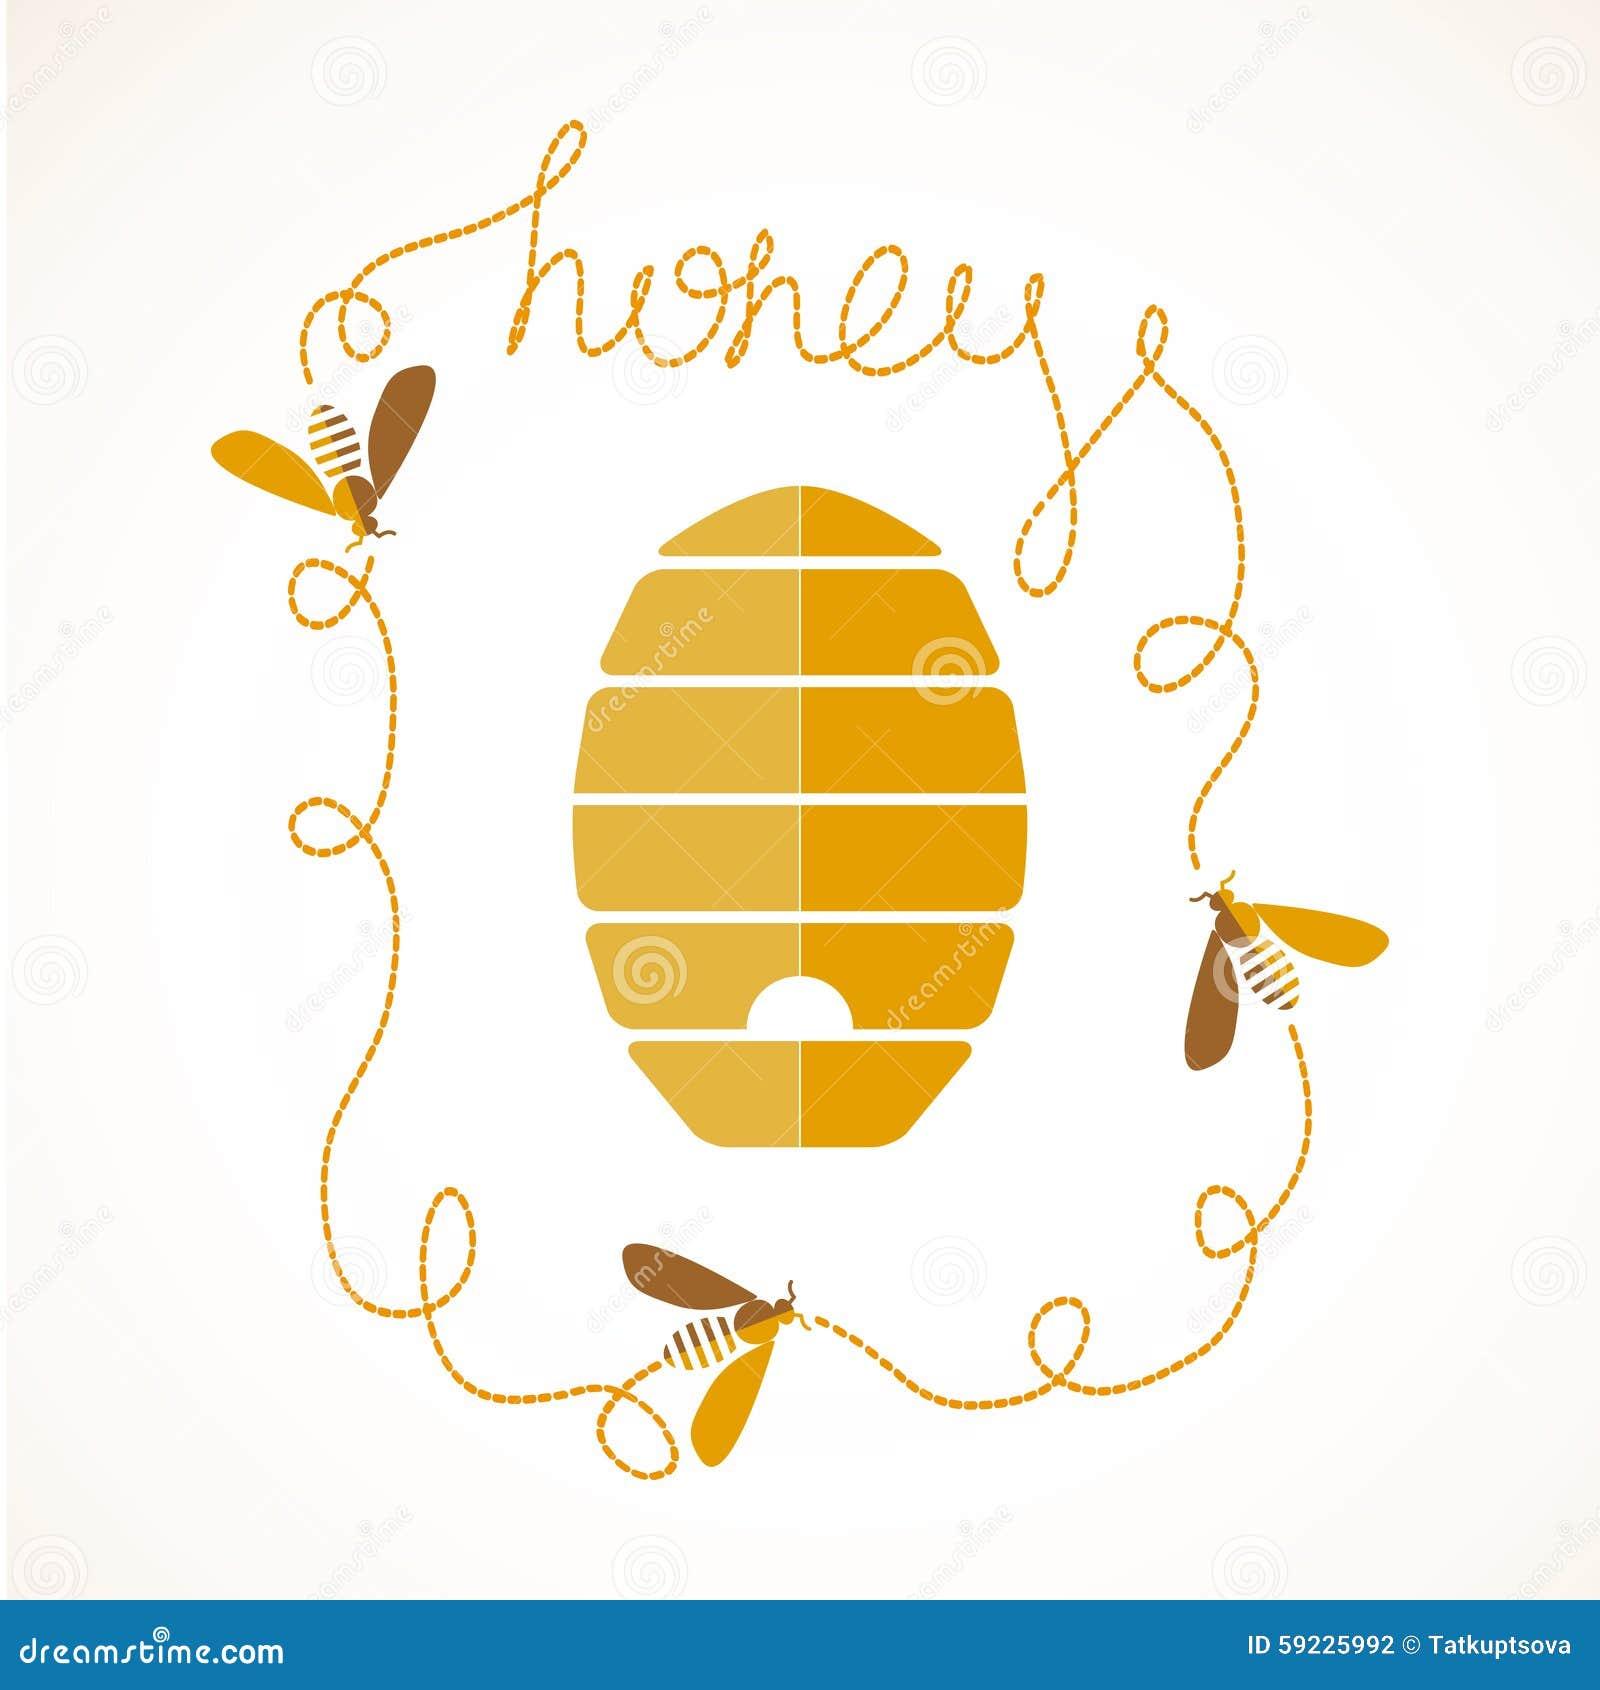 Download Honey Background ilustración del vector. Ilustración de panal - 59225992